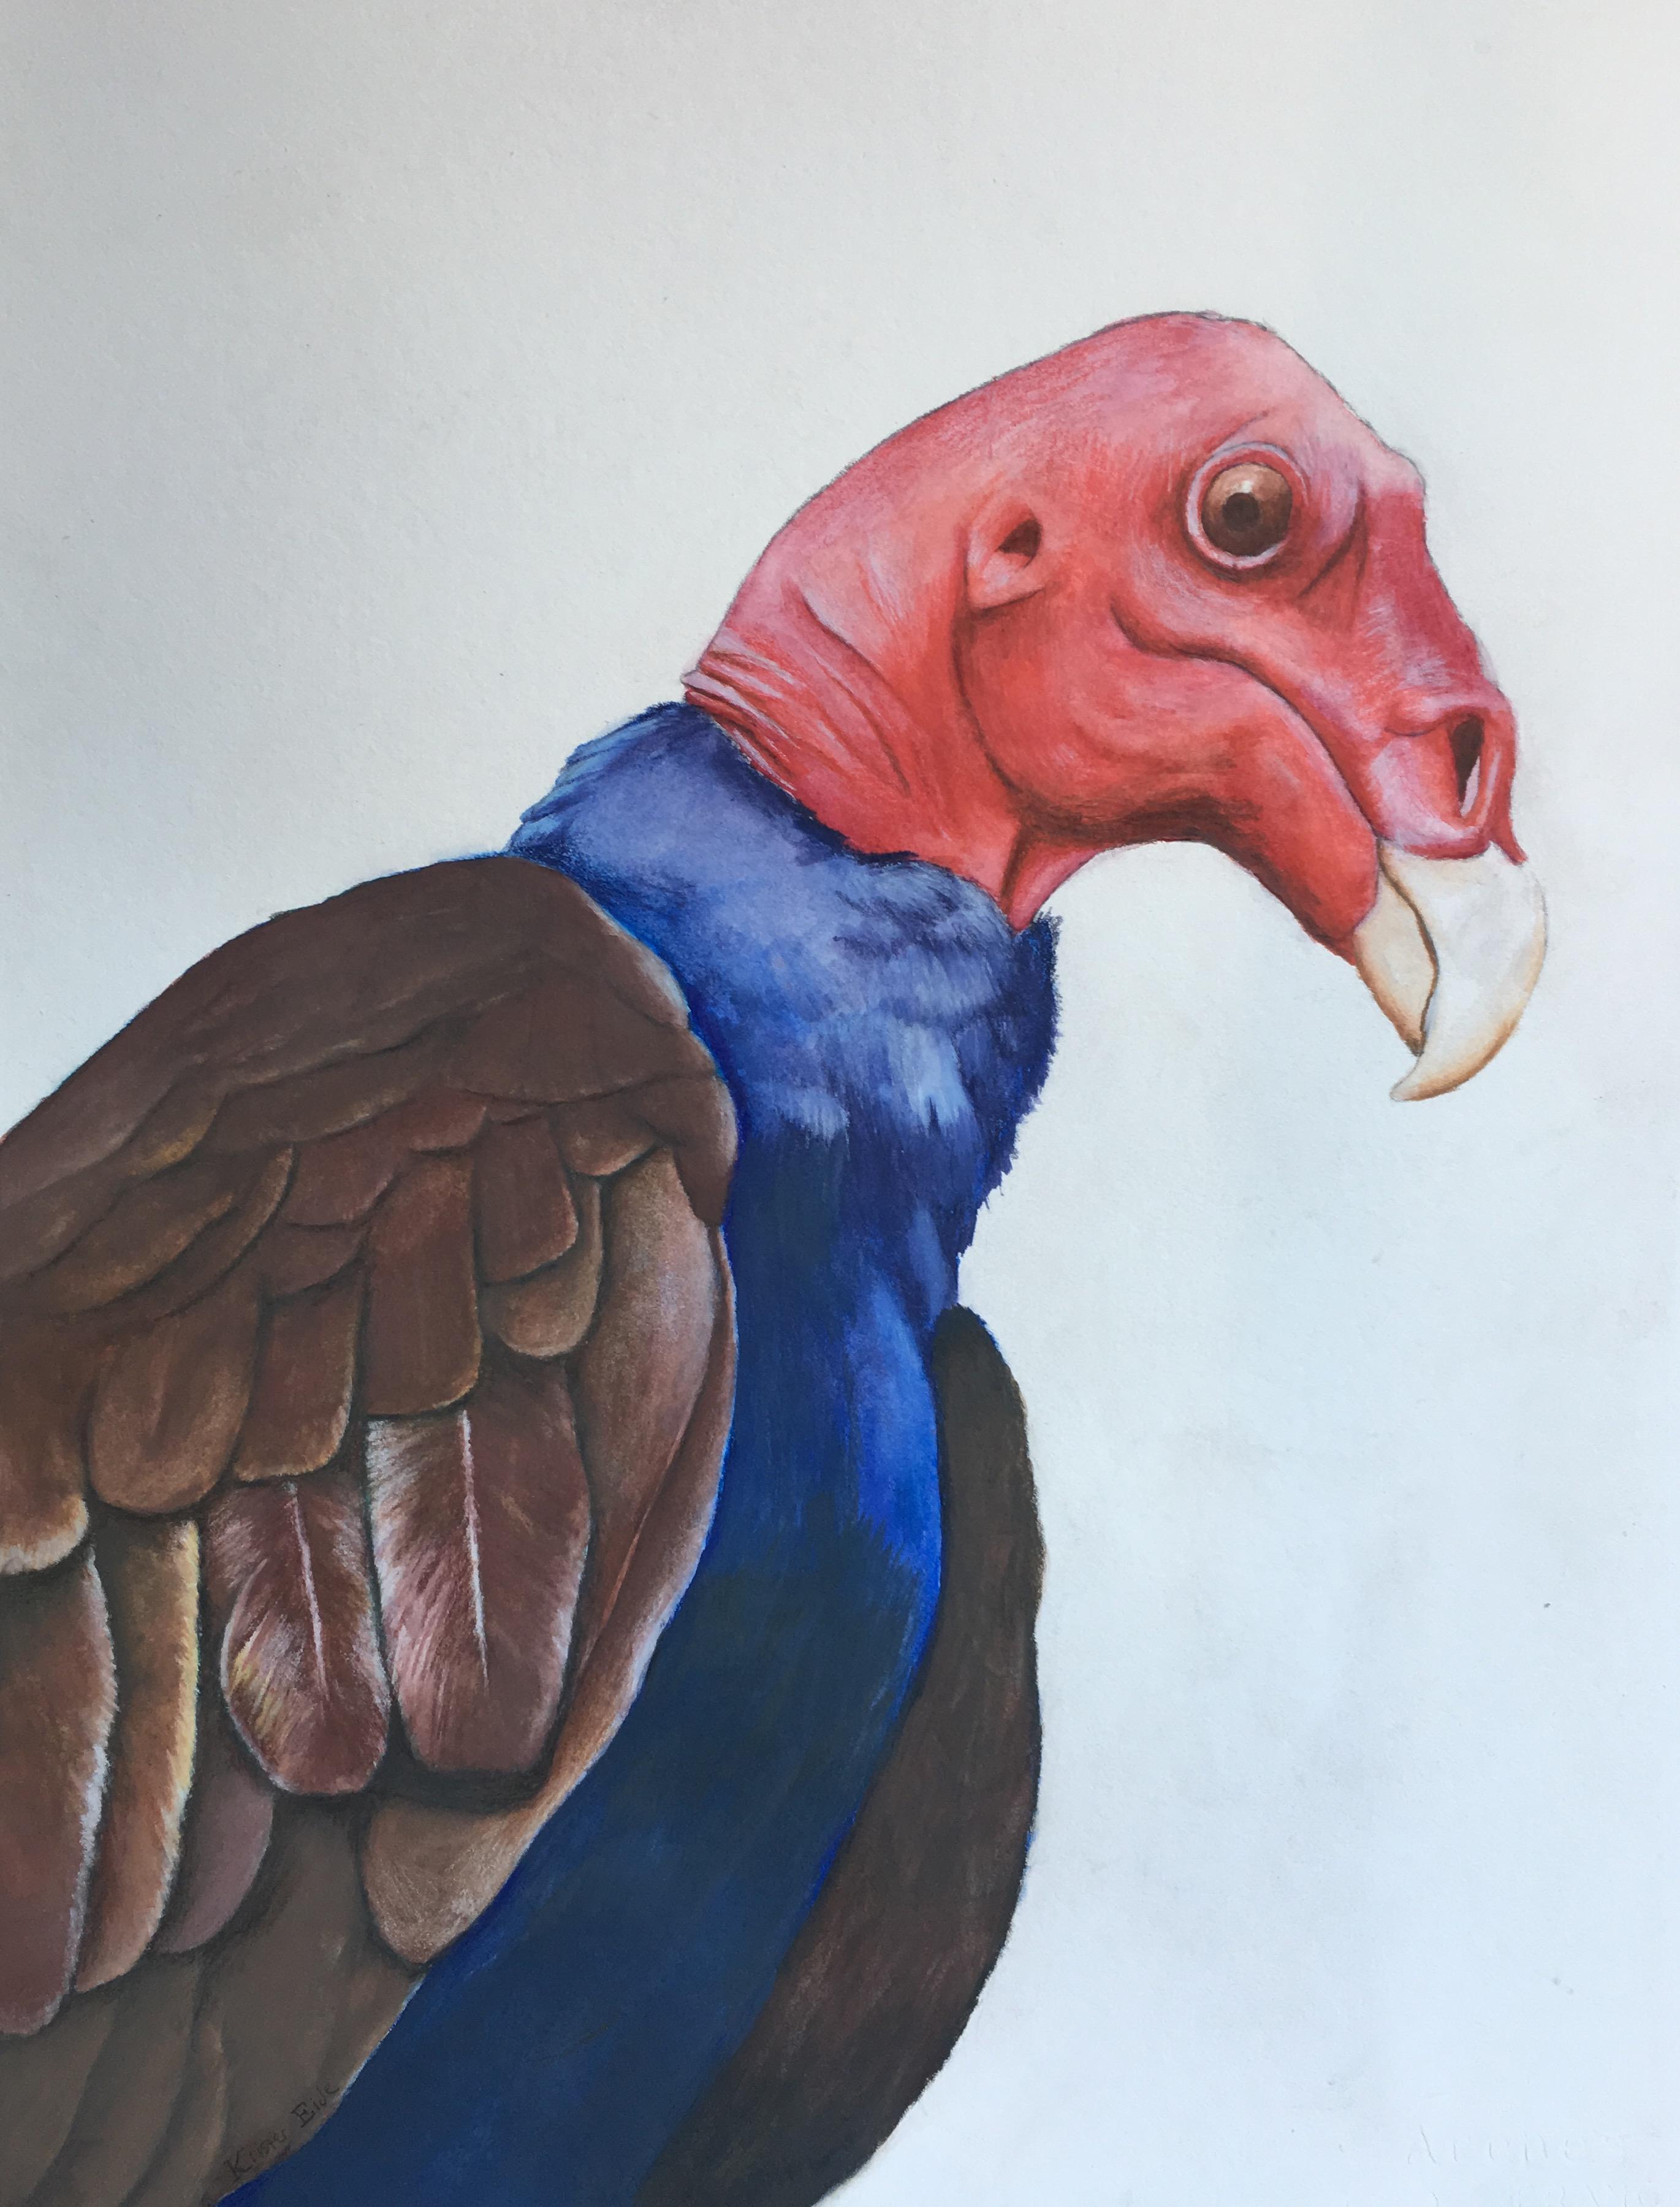 Turkey-Vulture-Watercolor-Krister-Eide